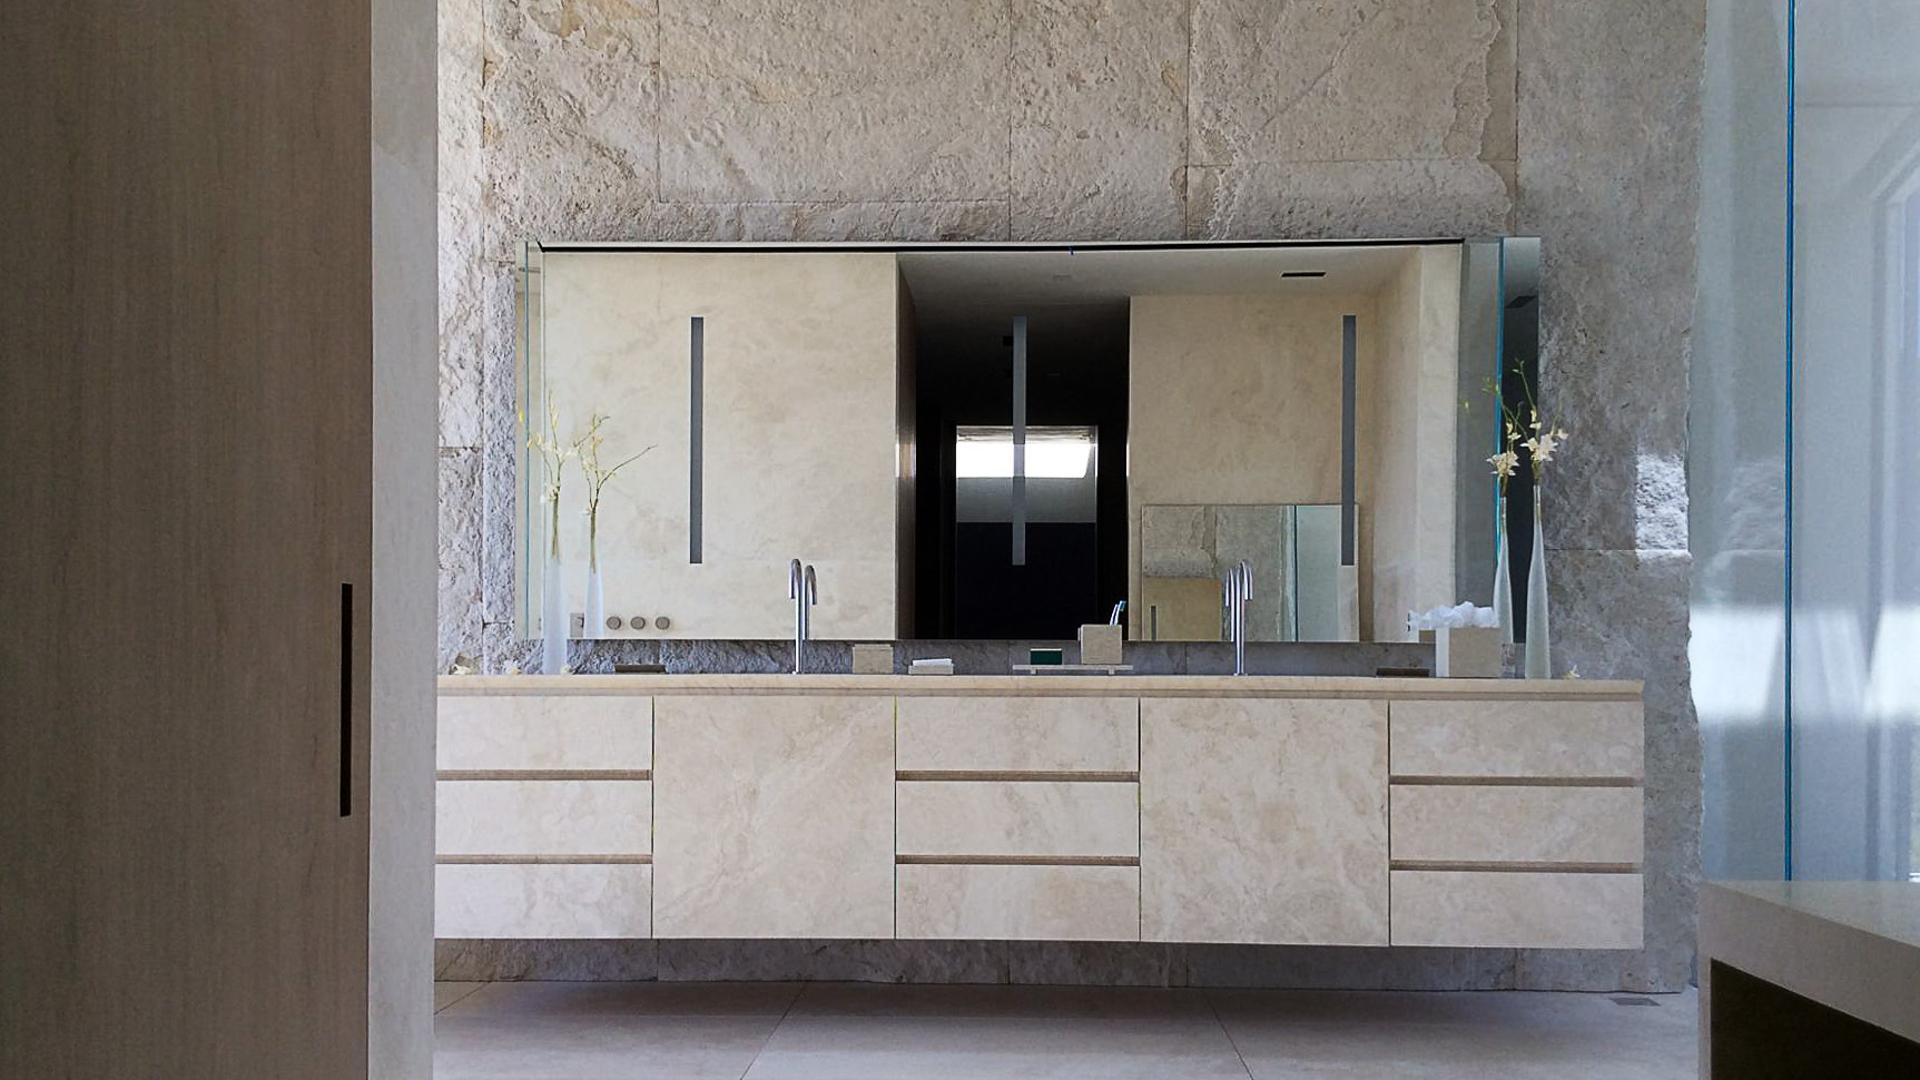 Picture of Michael Bay's Villa in Bel Air by Pietre di Rapolano